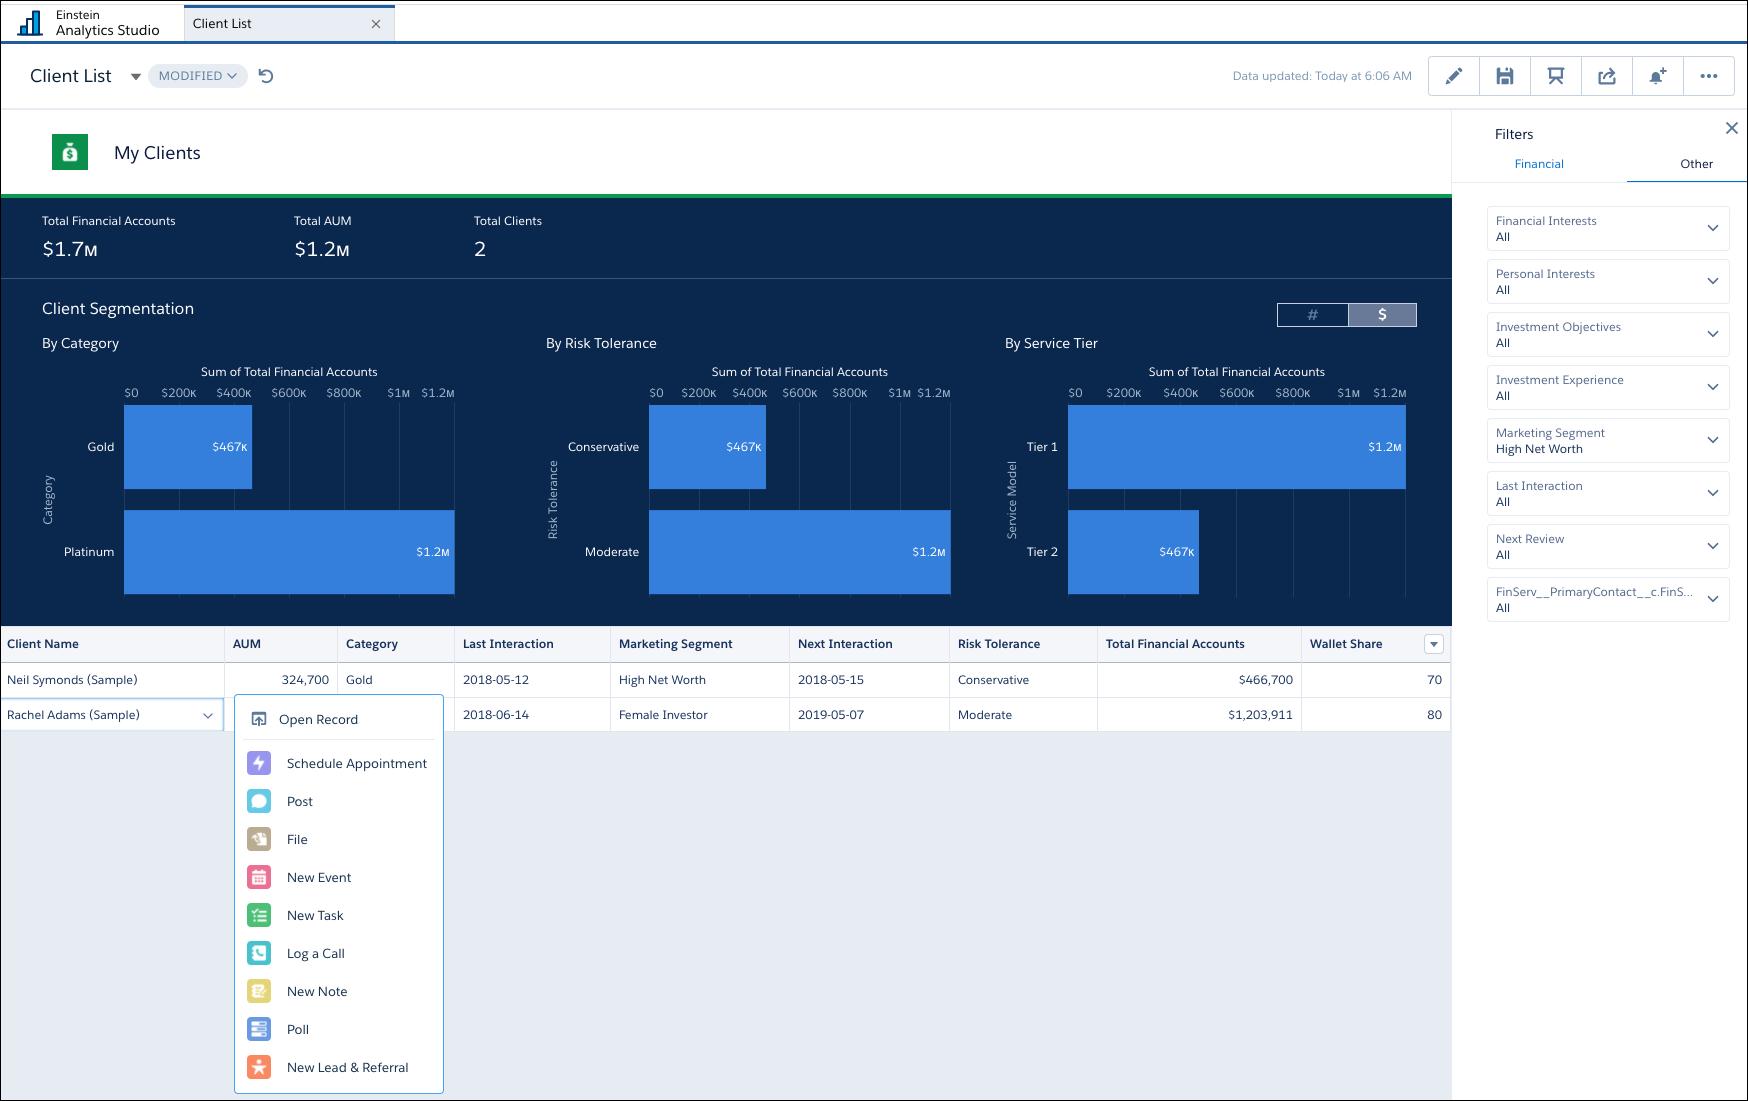 [アドバイザー分析] ビューを示すスクリーンショット。[クライアントリスト] タブが強調表示されています。